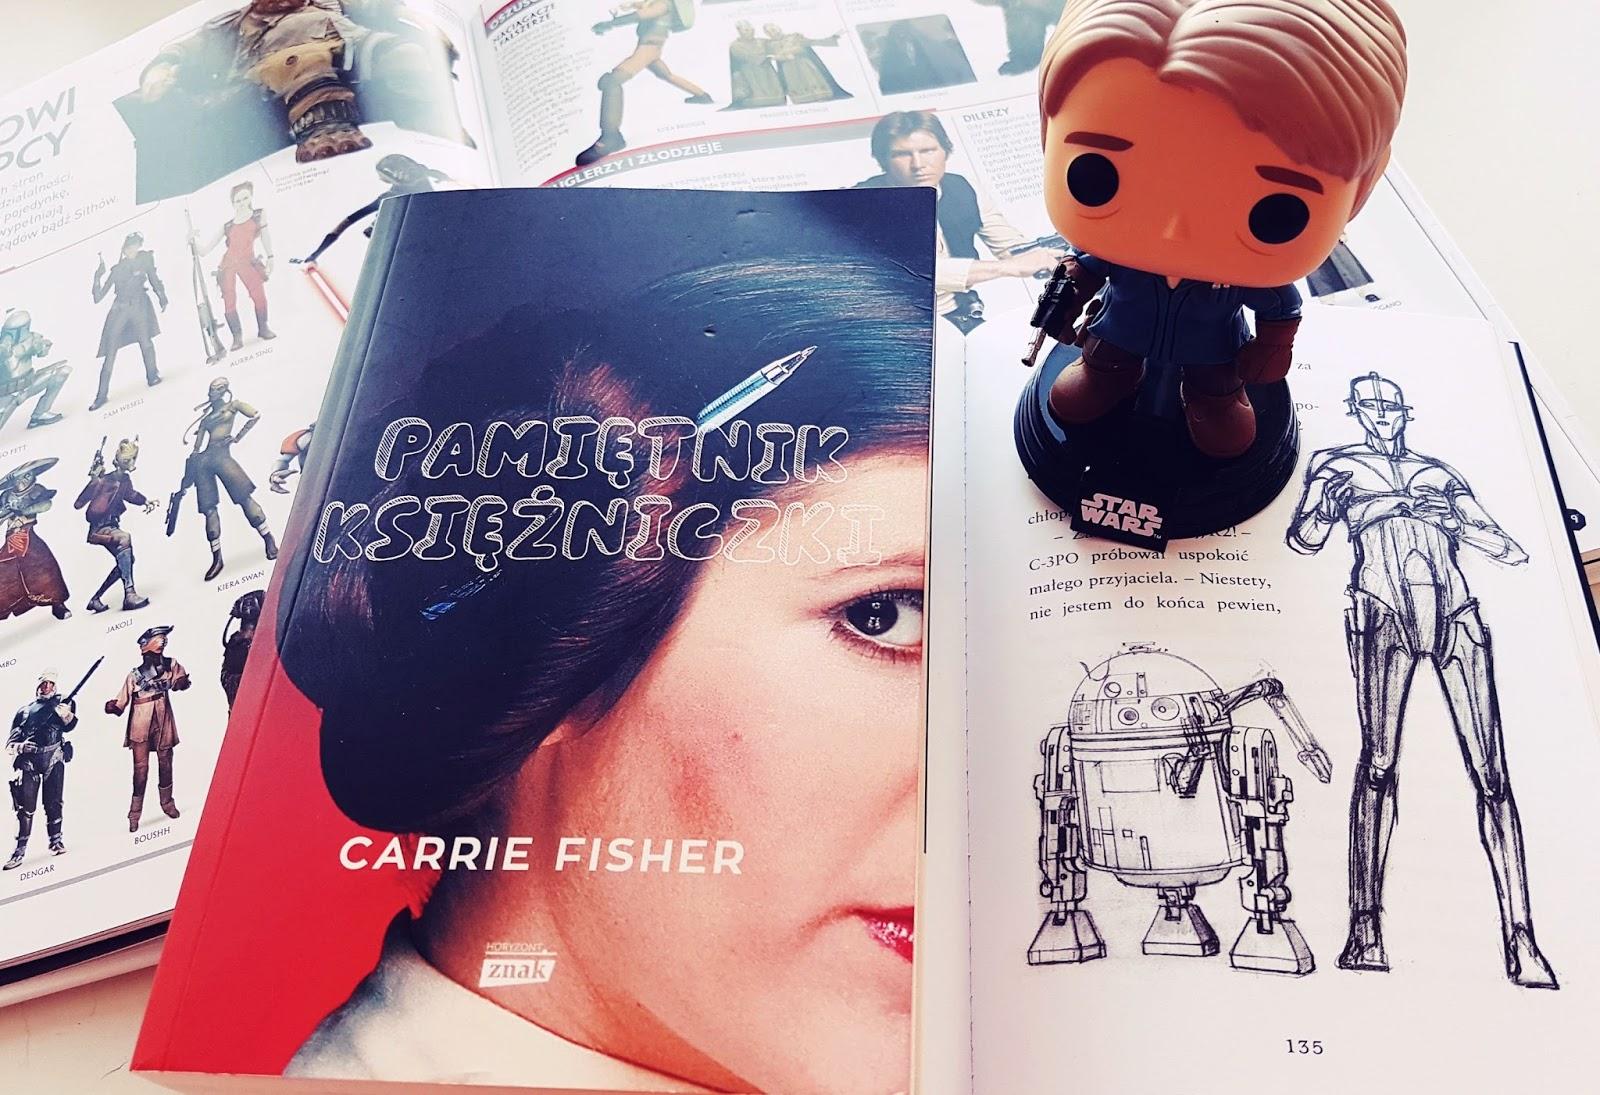 Pamiętnik księżniczki - Carrie Fisher, Leia w ziemskim wydaniu